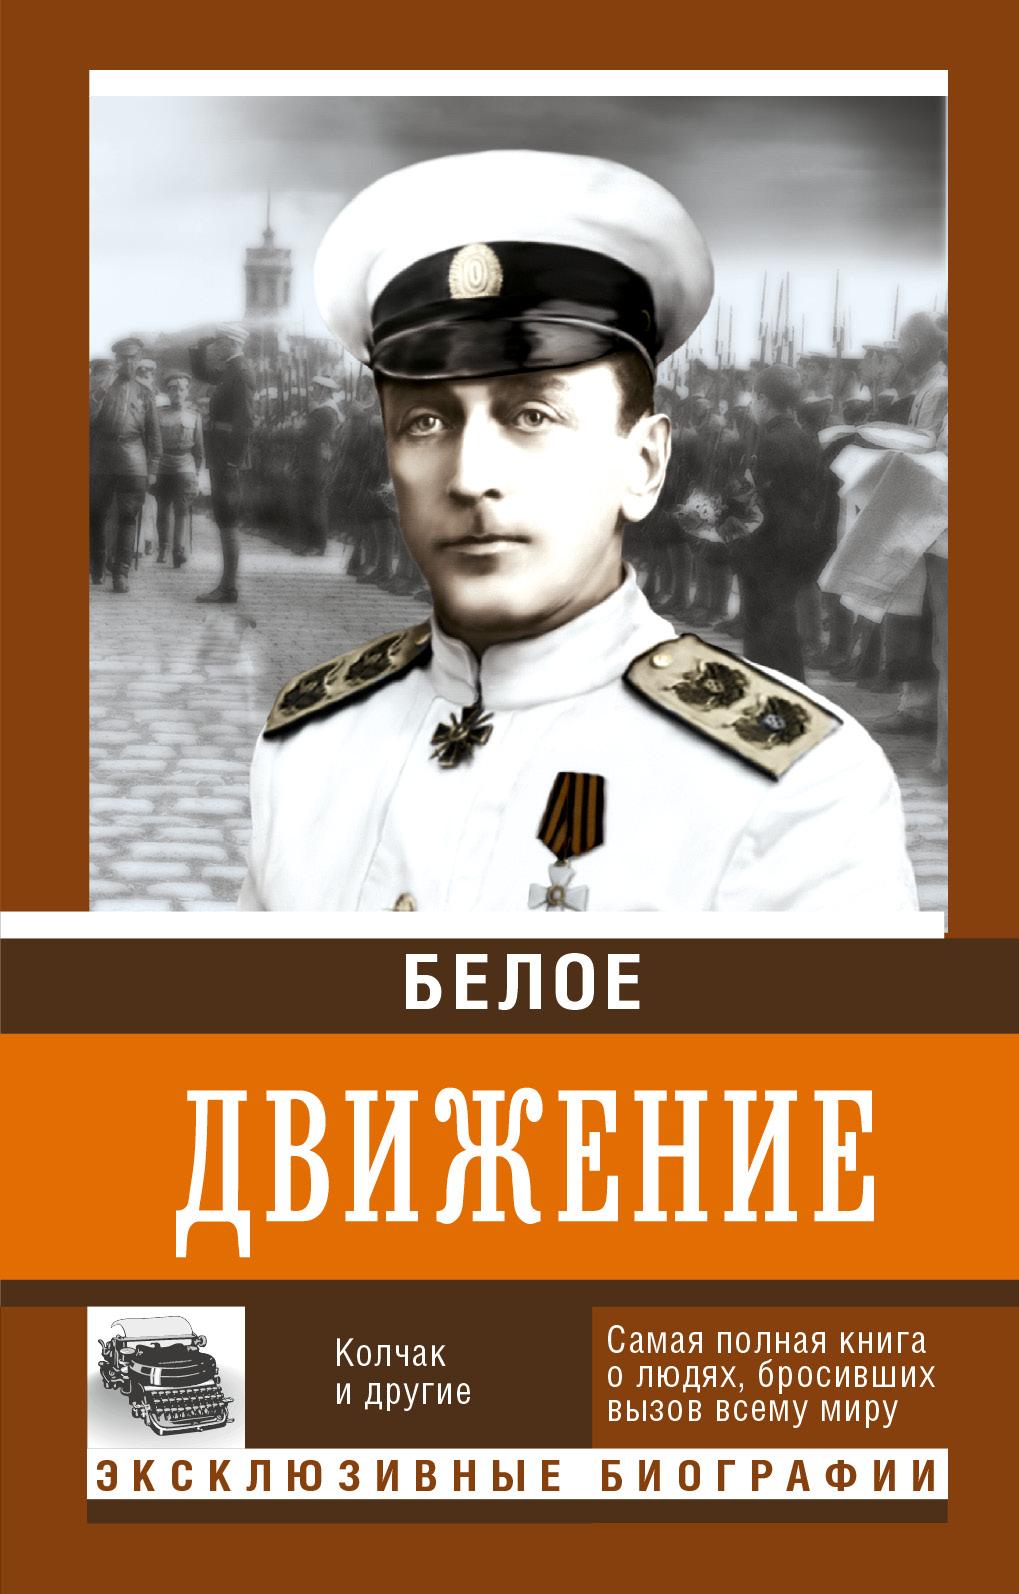 Кручинин Андрей Сергеевич; Марыняк Андрей Владимирович; Цветков Василий Жанович Белое движение